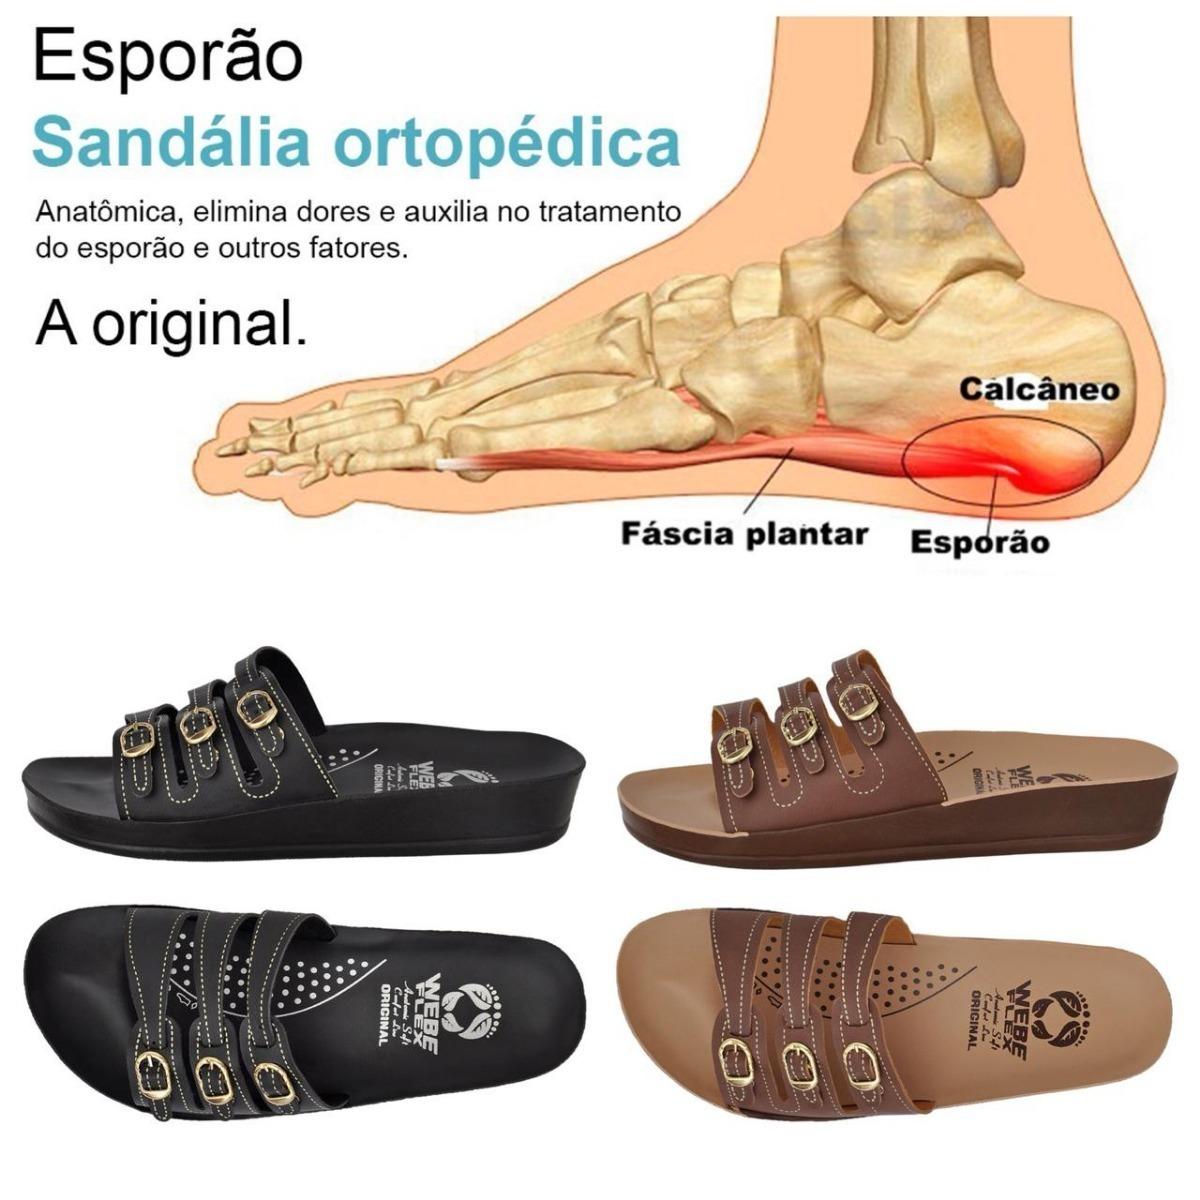 c0982eef4a 2 Pares Sandália Ortopédica Anatômica Para Esporão Webe Flex - R  80 ...